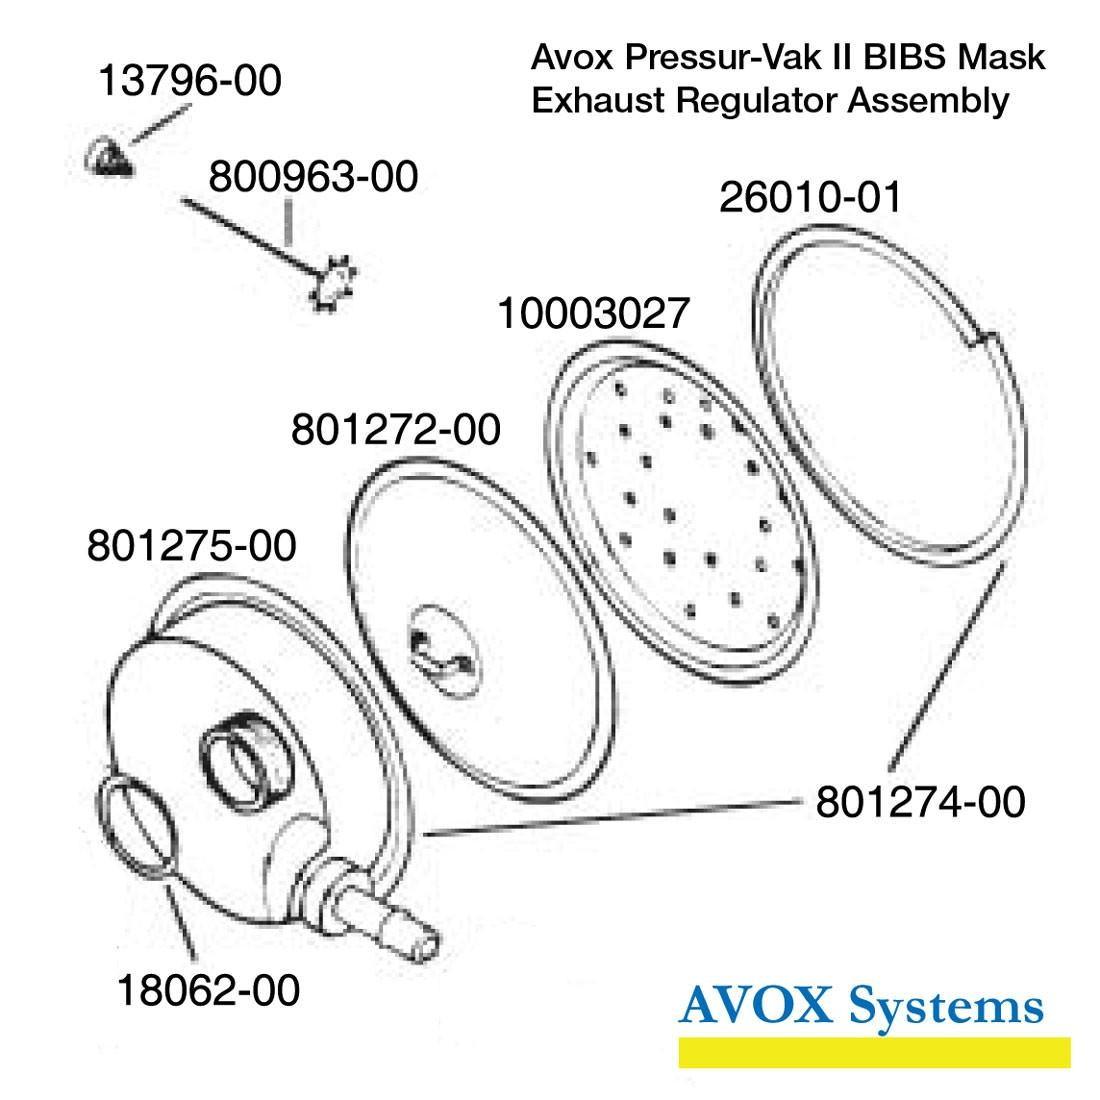 Pressur-Vak II Exhaust Regulator - Spares